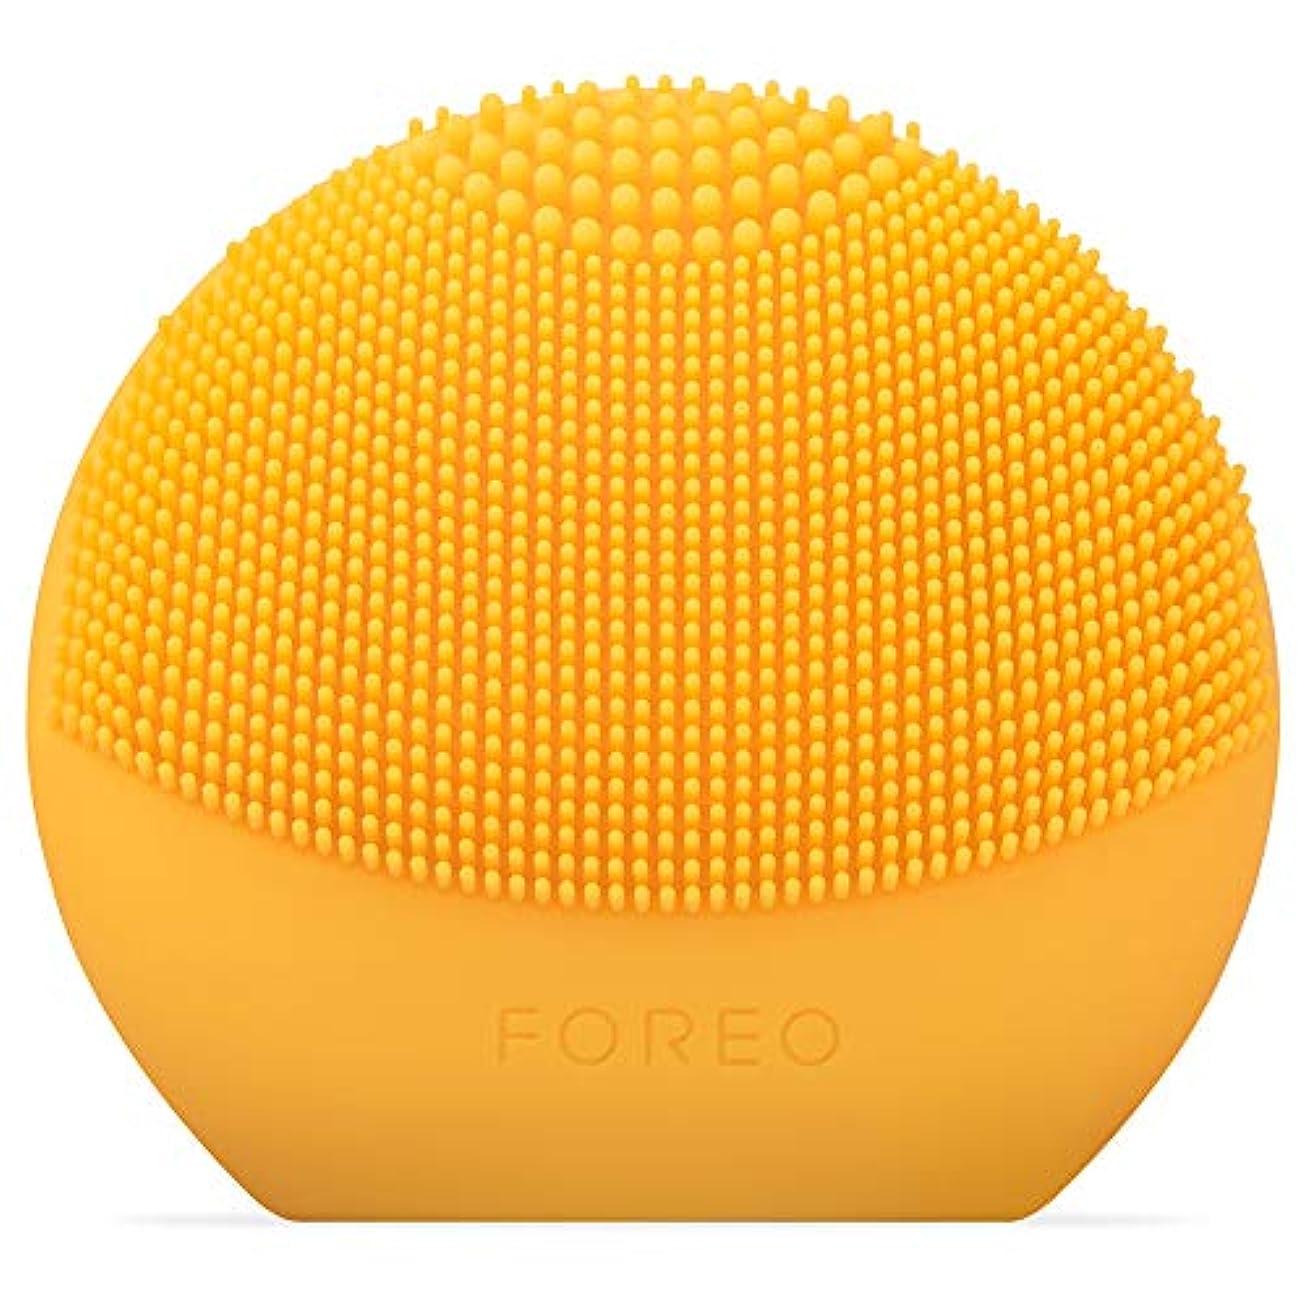 一致する法律によりパンチFOREO LUNA fofo サンフラワーイエロー スマートクレンジングデバイス 電動洗顔ブラシ シリコーン製